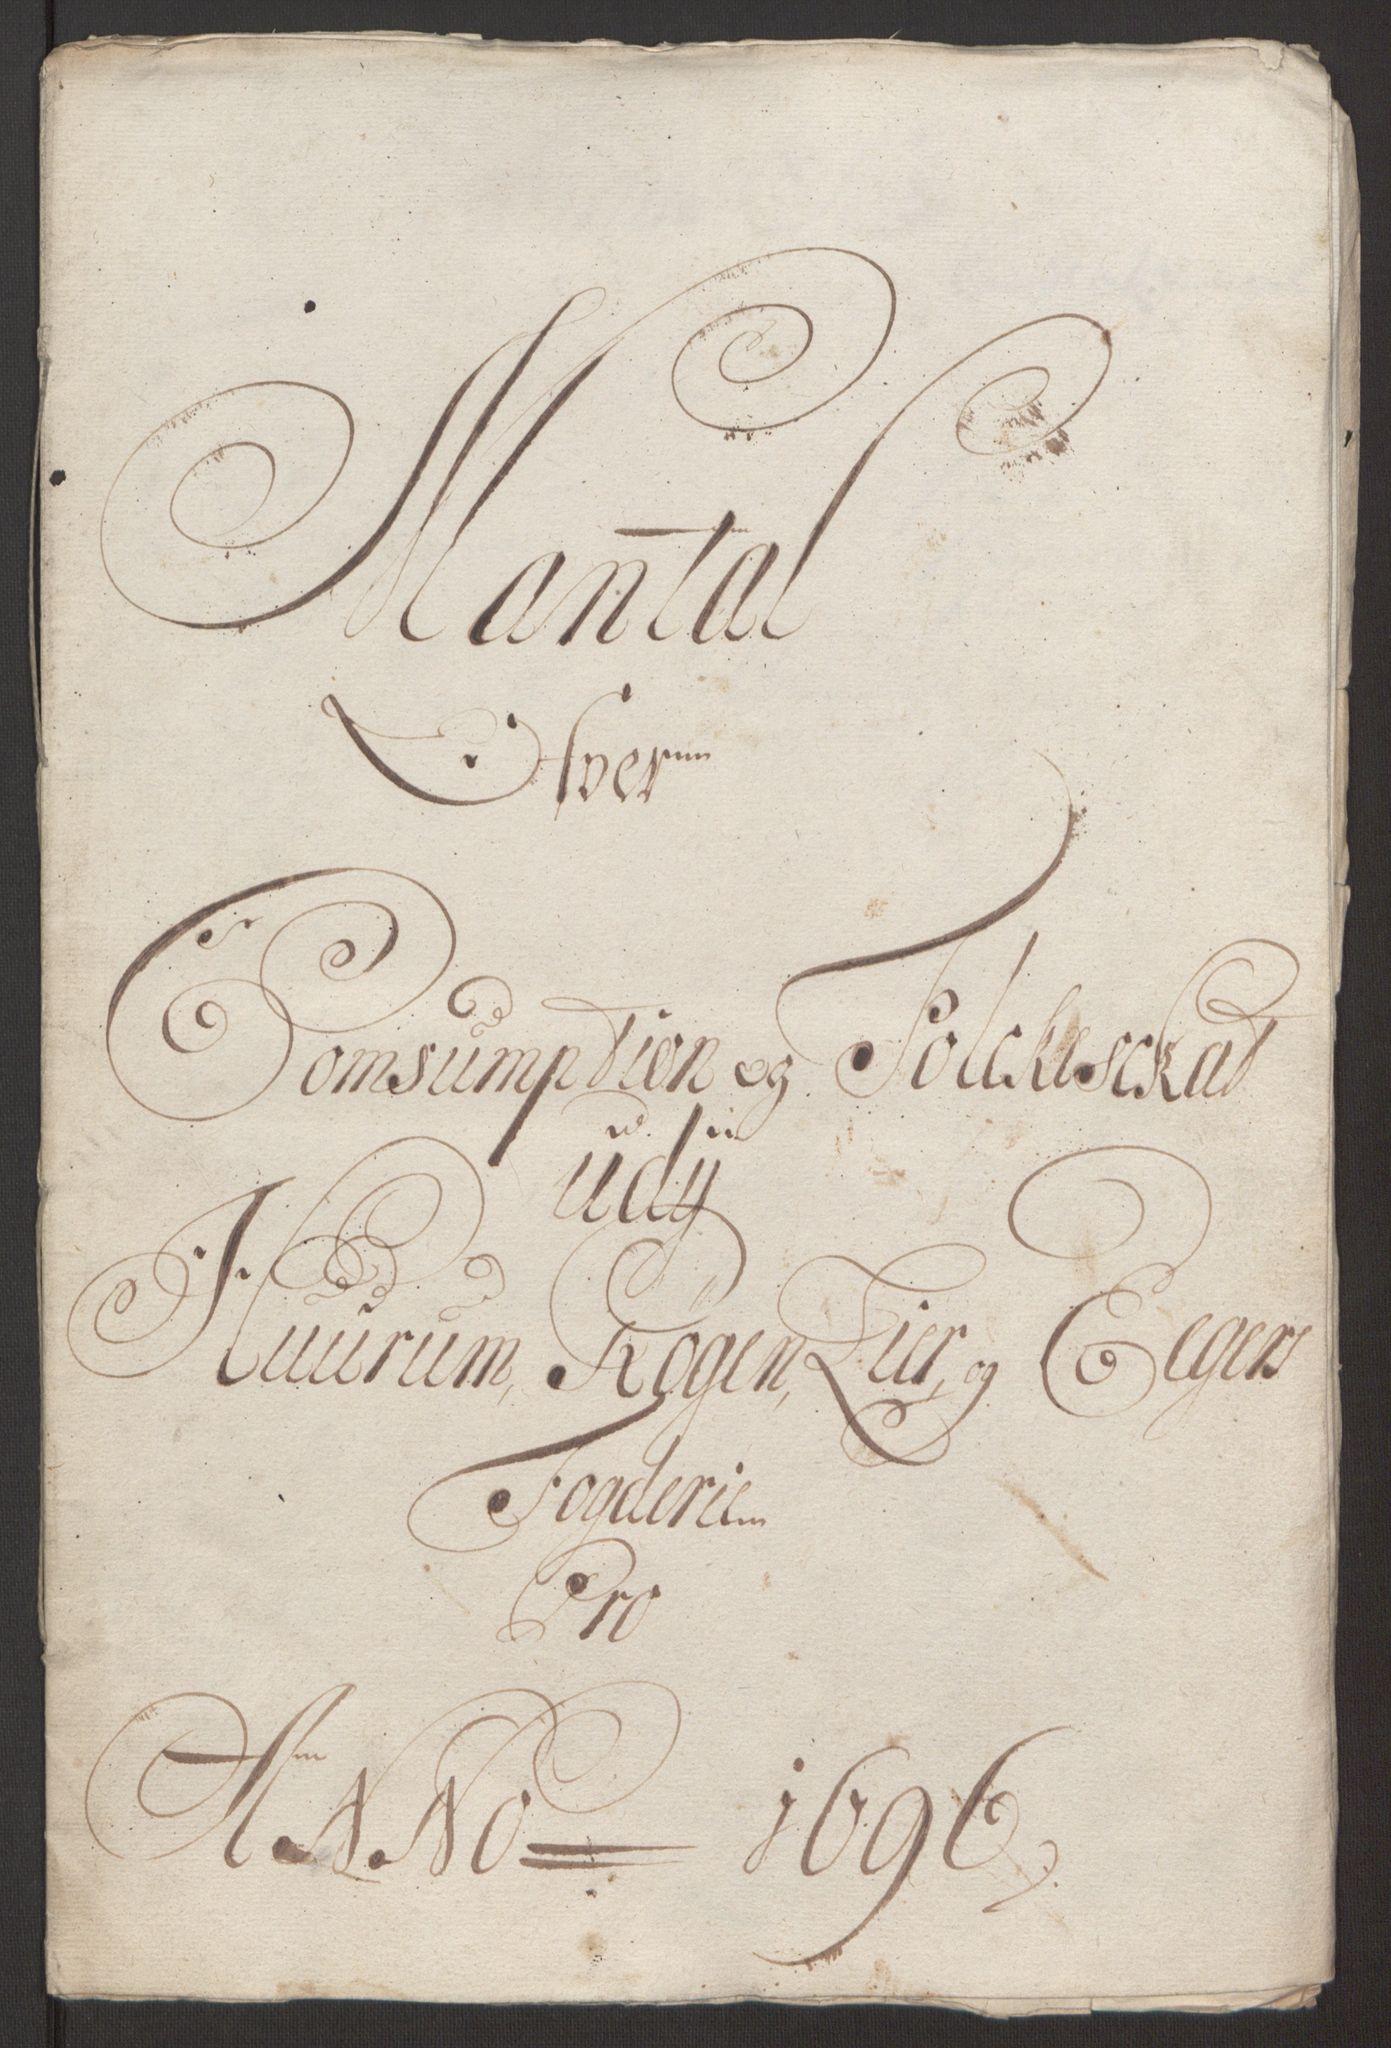 RA, Rentekammeret inntil 1814, Reviderte regnskaper, Fogderegnskap, R30/L1694: Fogderegnskap Hurum, Røyken, Eiker og Lier, 1694-1696, s. 425